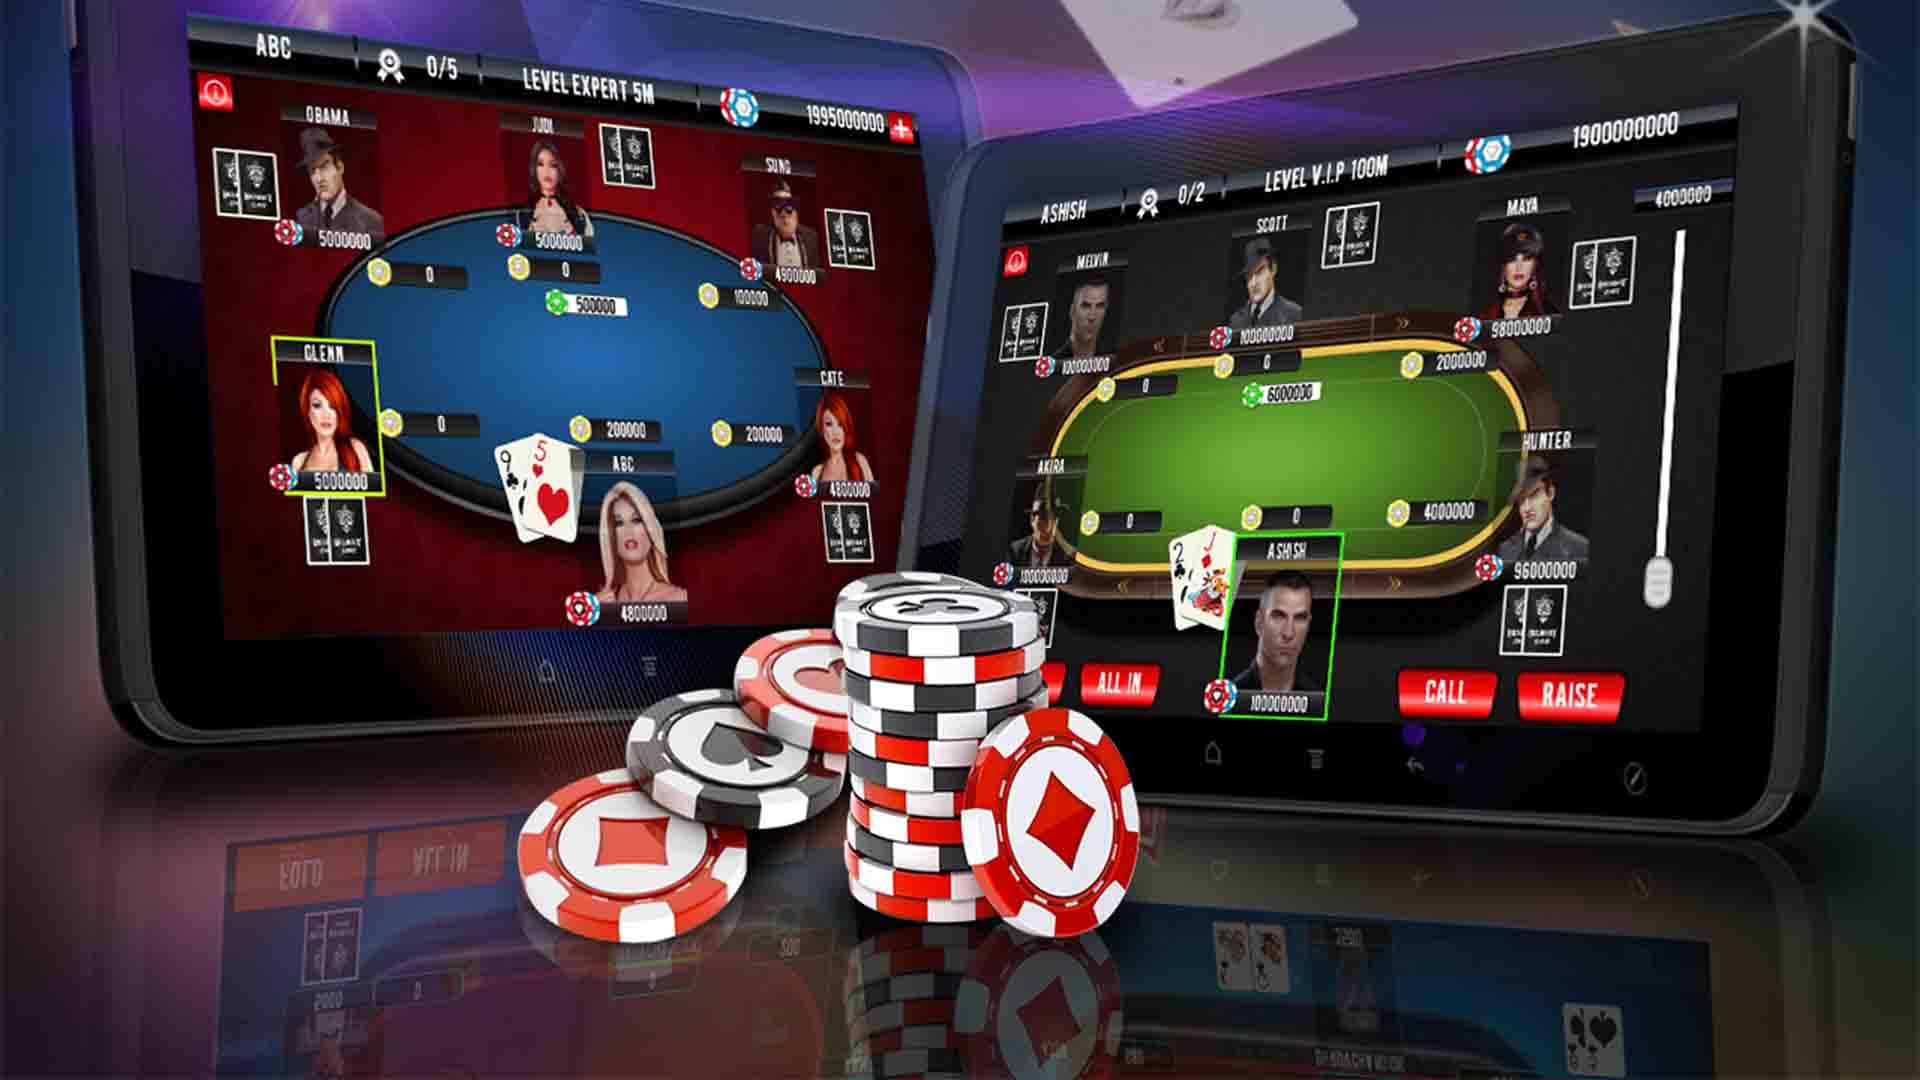 Agen Poker Online Uang Asli Terpercaya